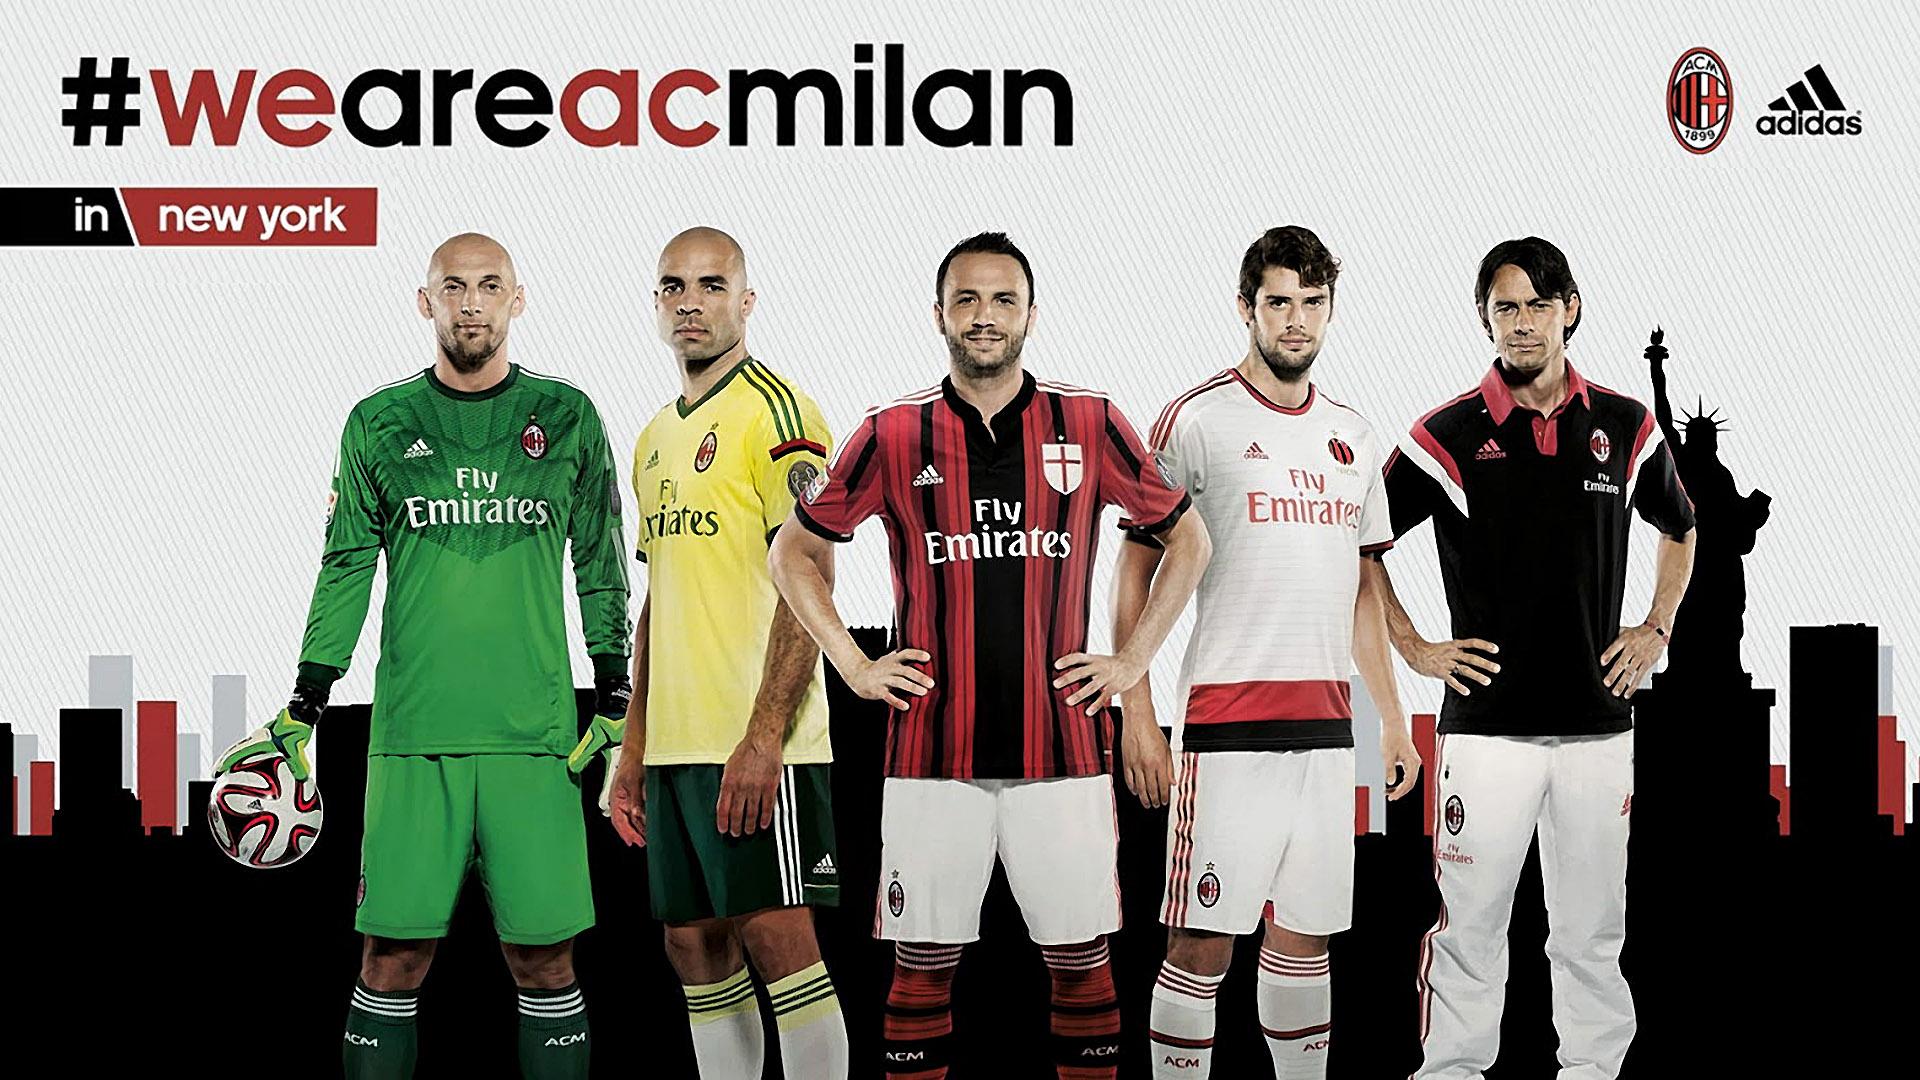 AC Milan 2014 2015 Wallpaper Download AC Milan  Wallpaper 1920x1080